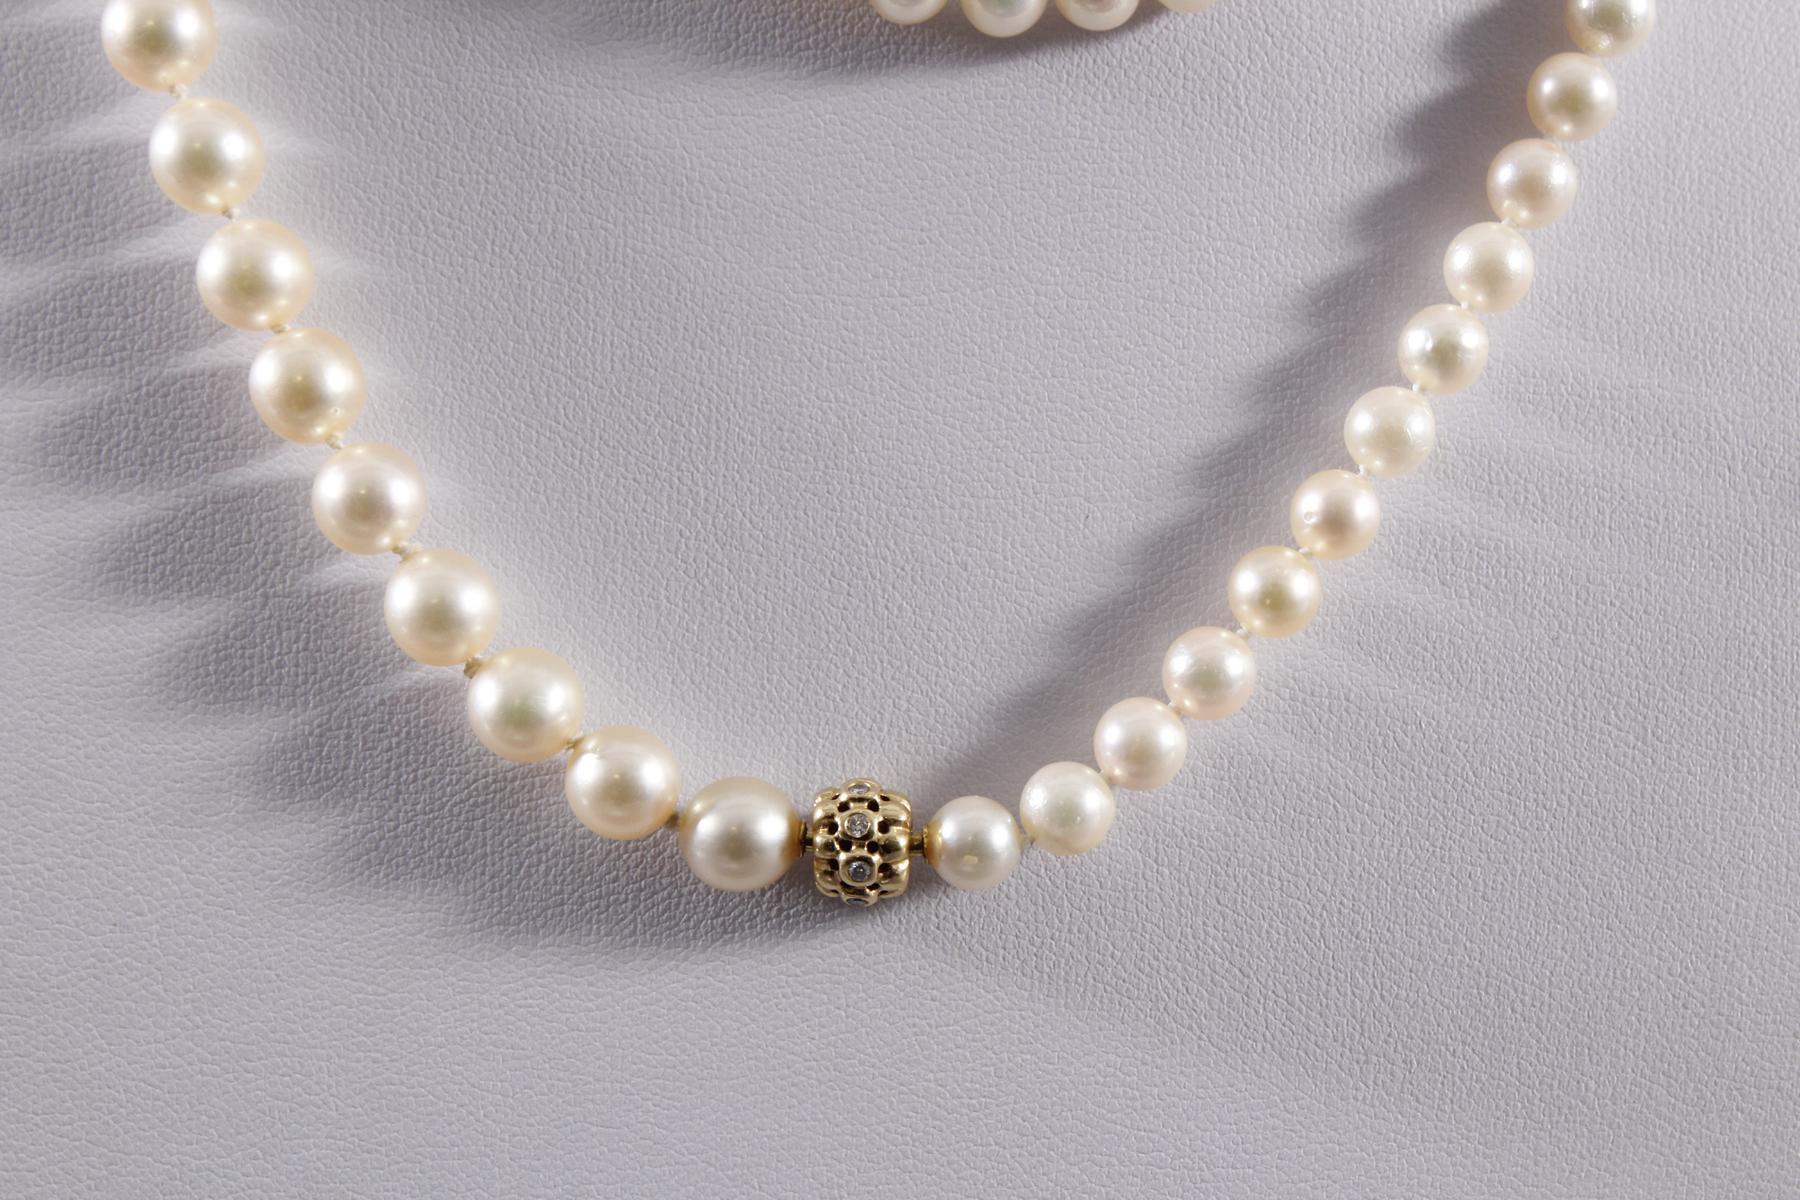 Halskette aus Perlen und Diamanten-2